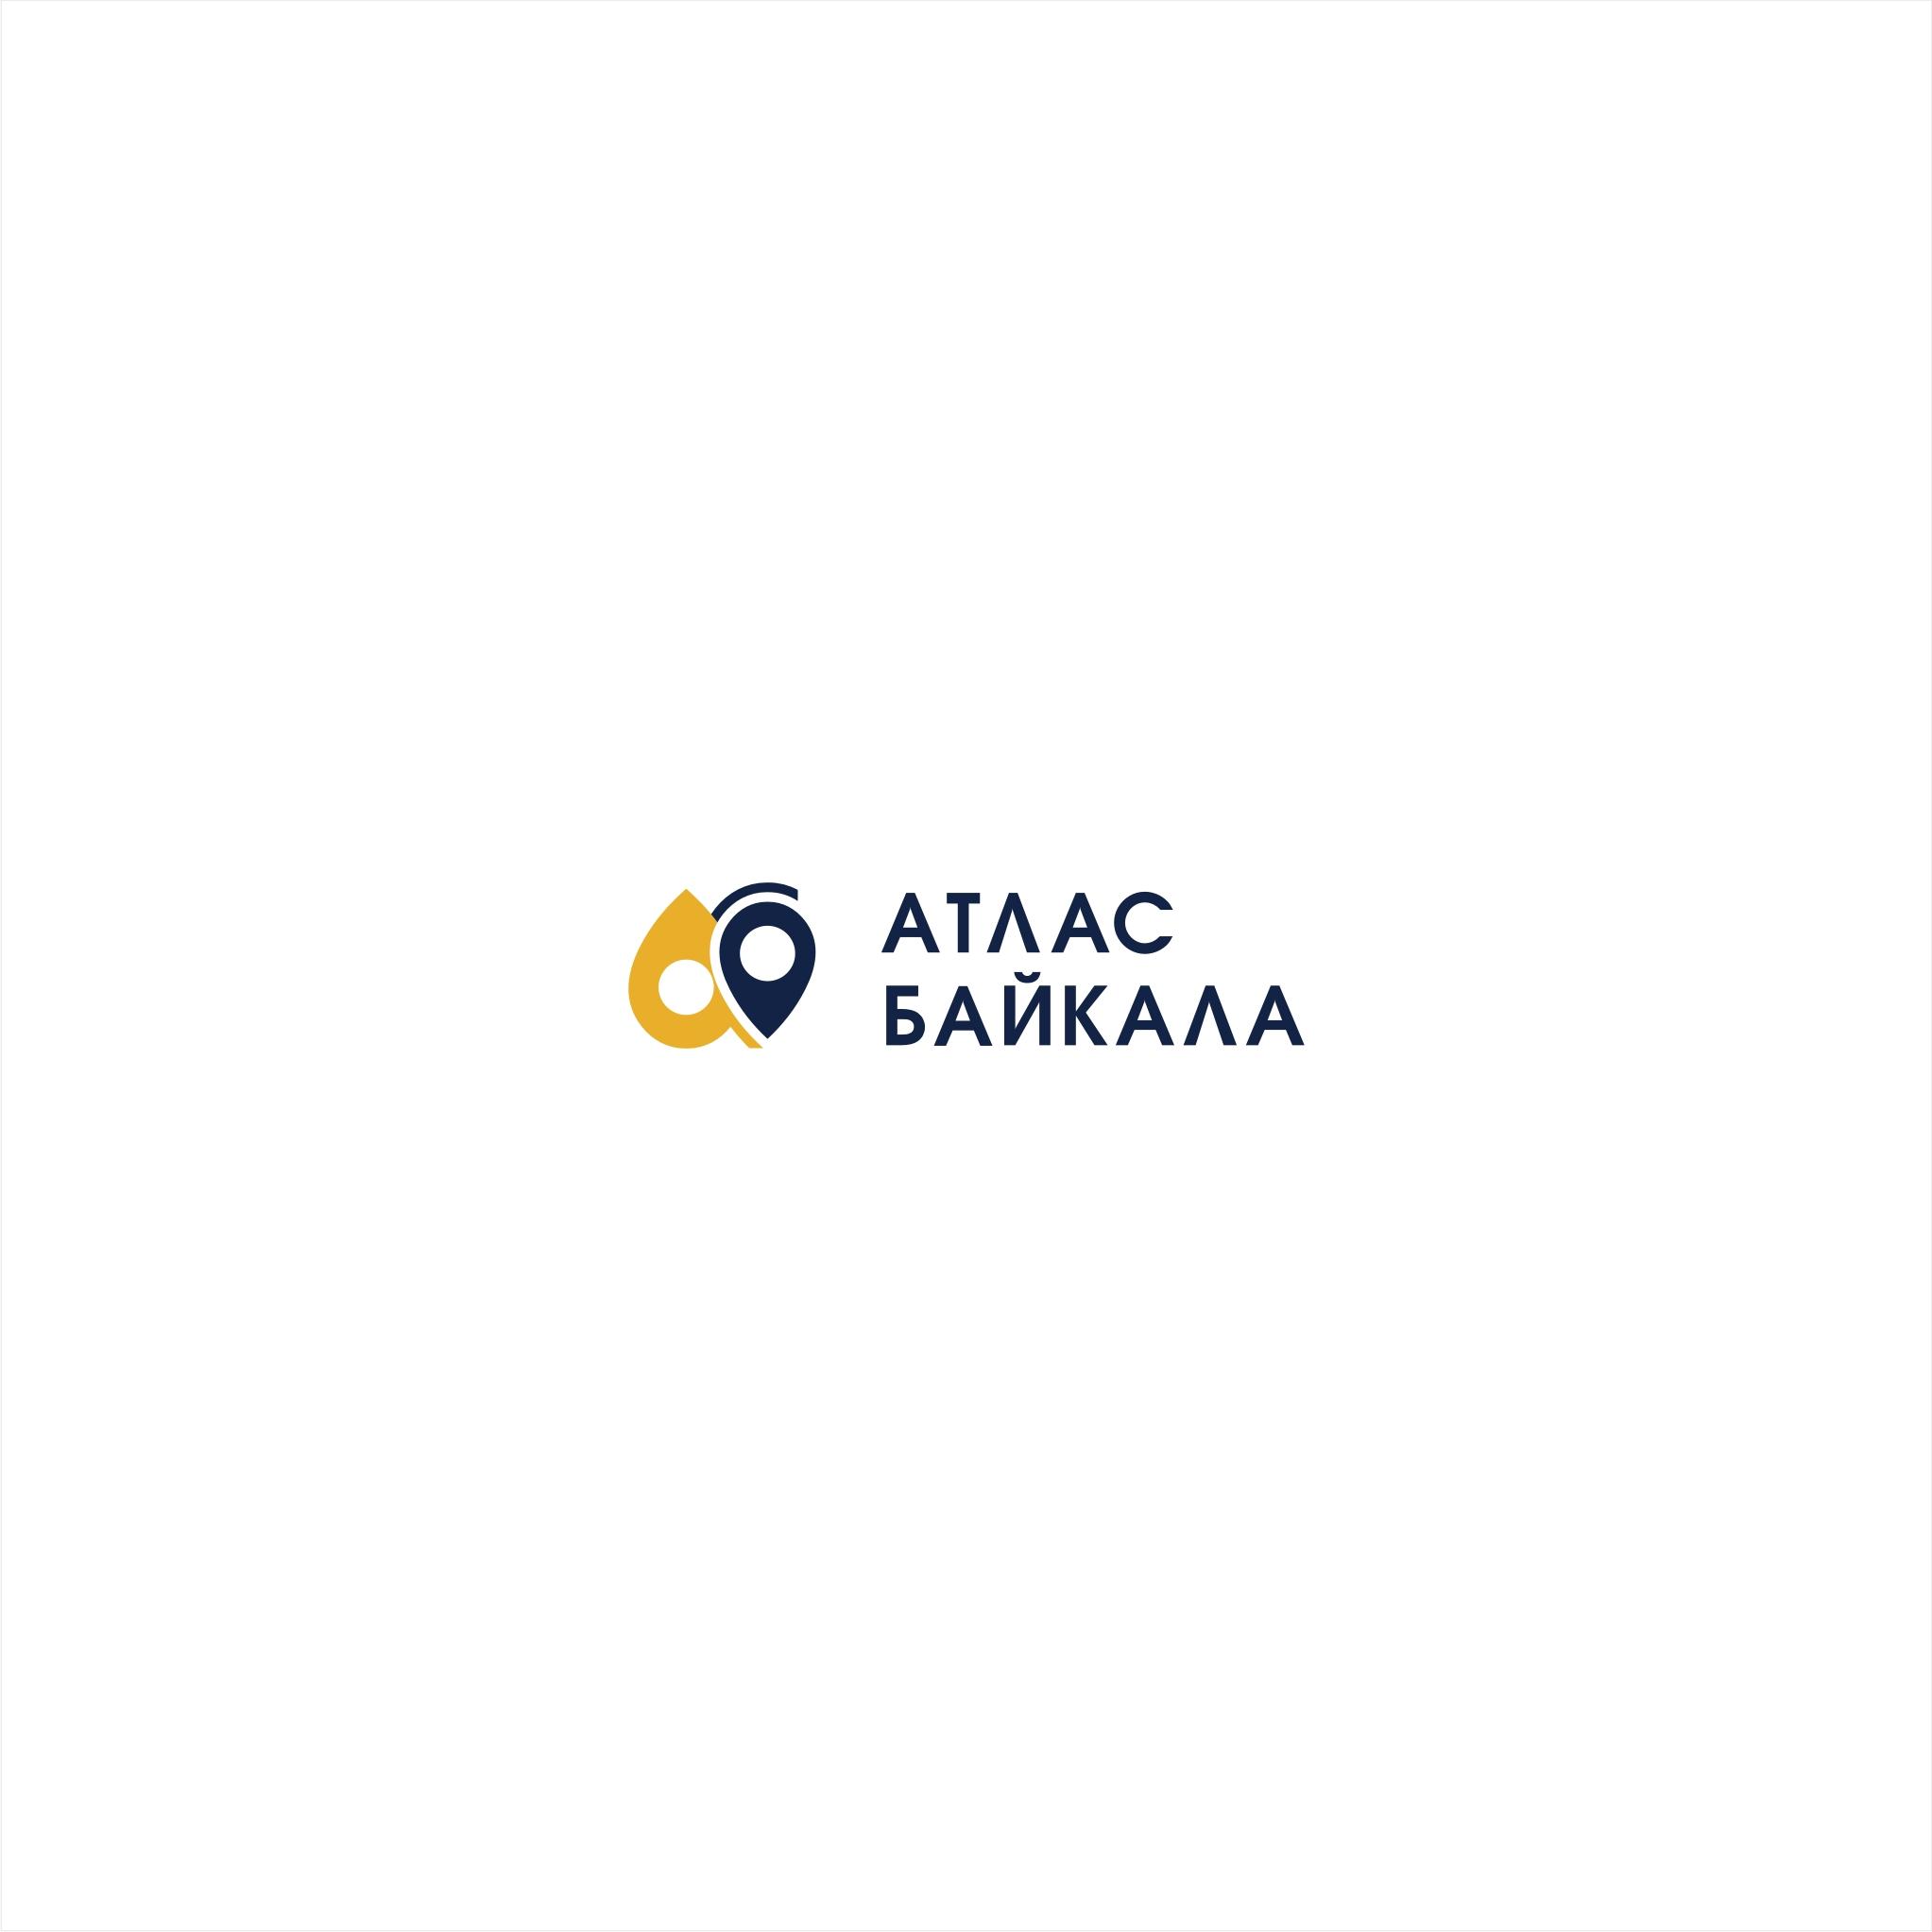 Разработка логотипа Атлас Байкала фото f_5185b152ebadc4b6.jpg